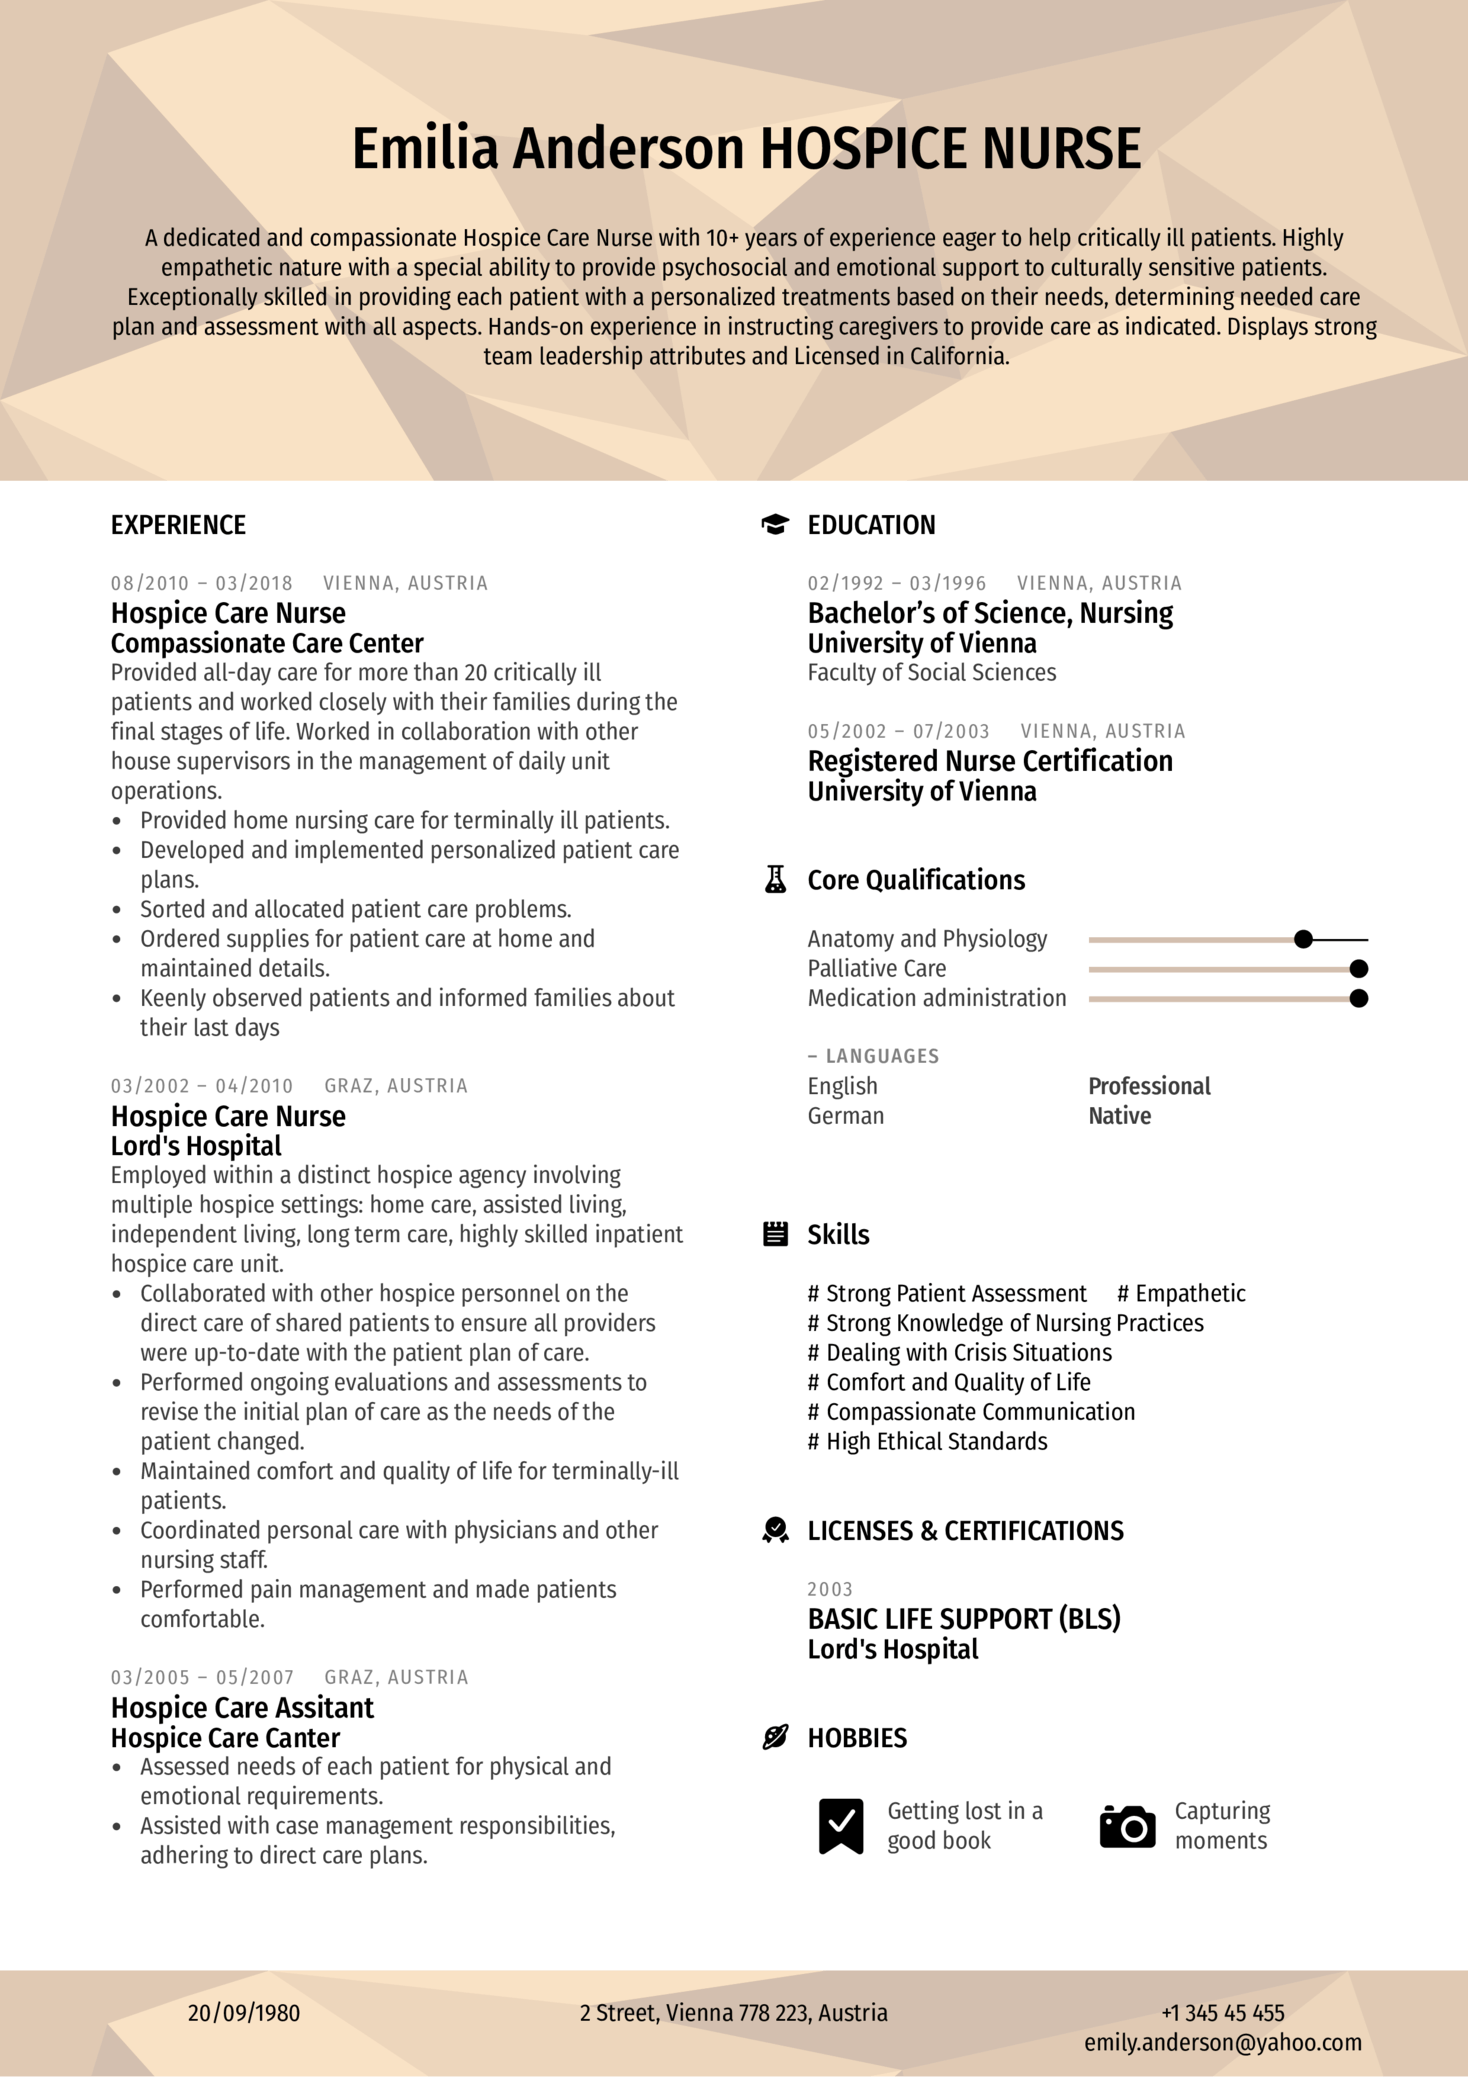 Hospice Care Nurse Resume Example (parte 1)